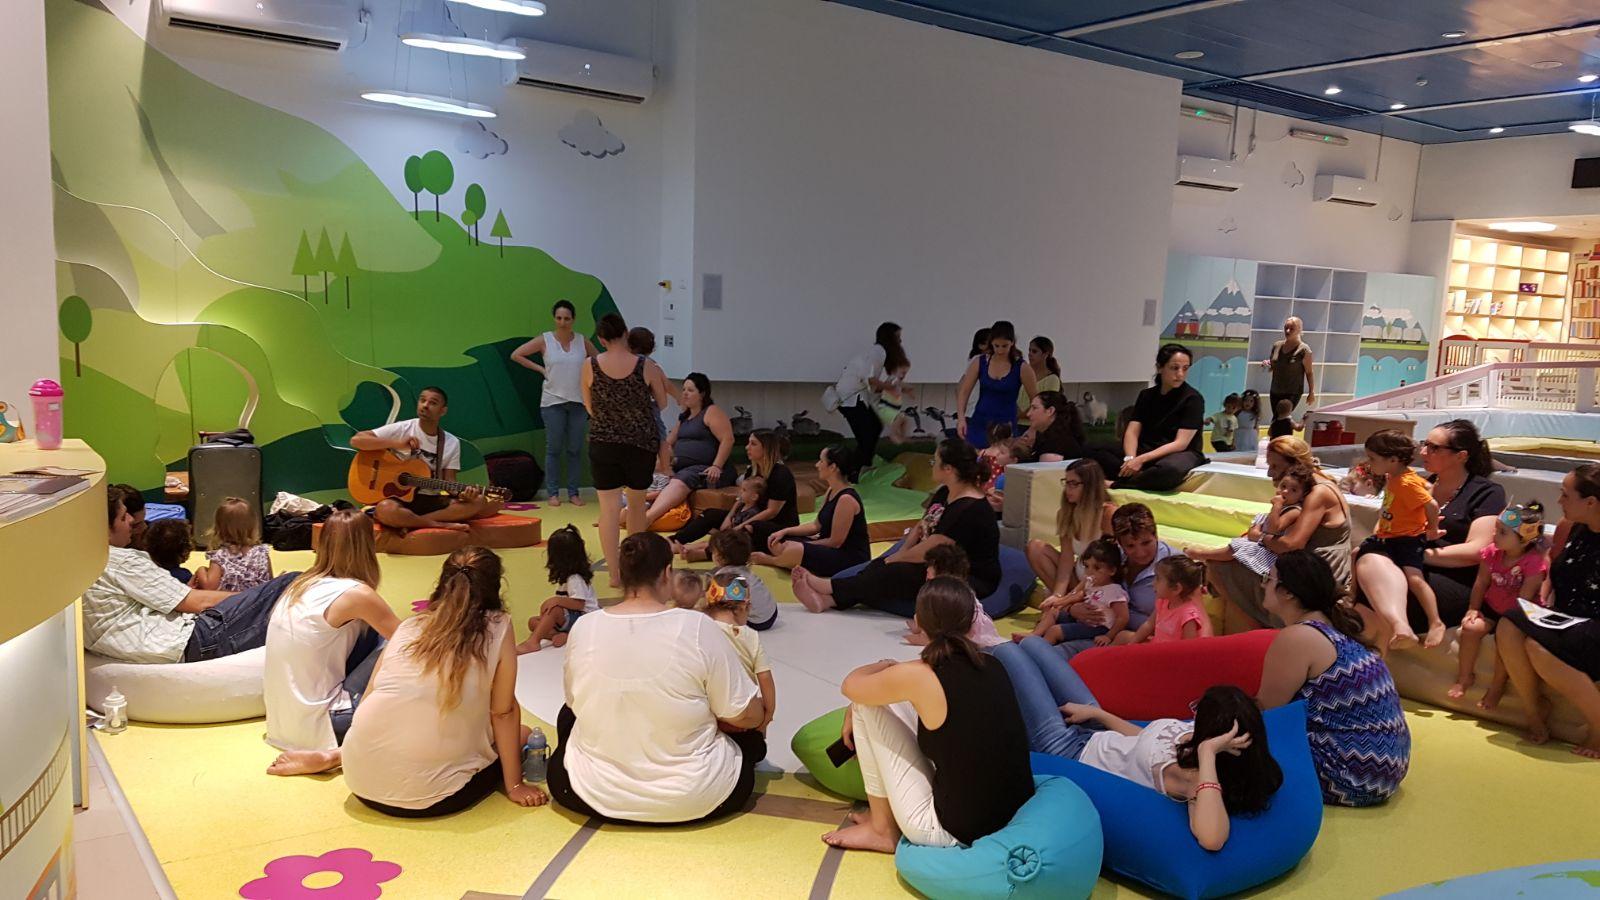 פעילות הורים וילדים במרכז טיפ-טף